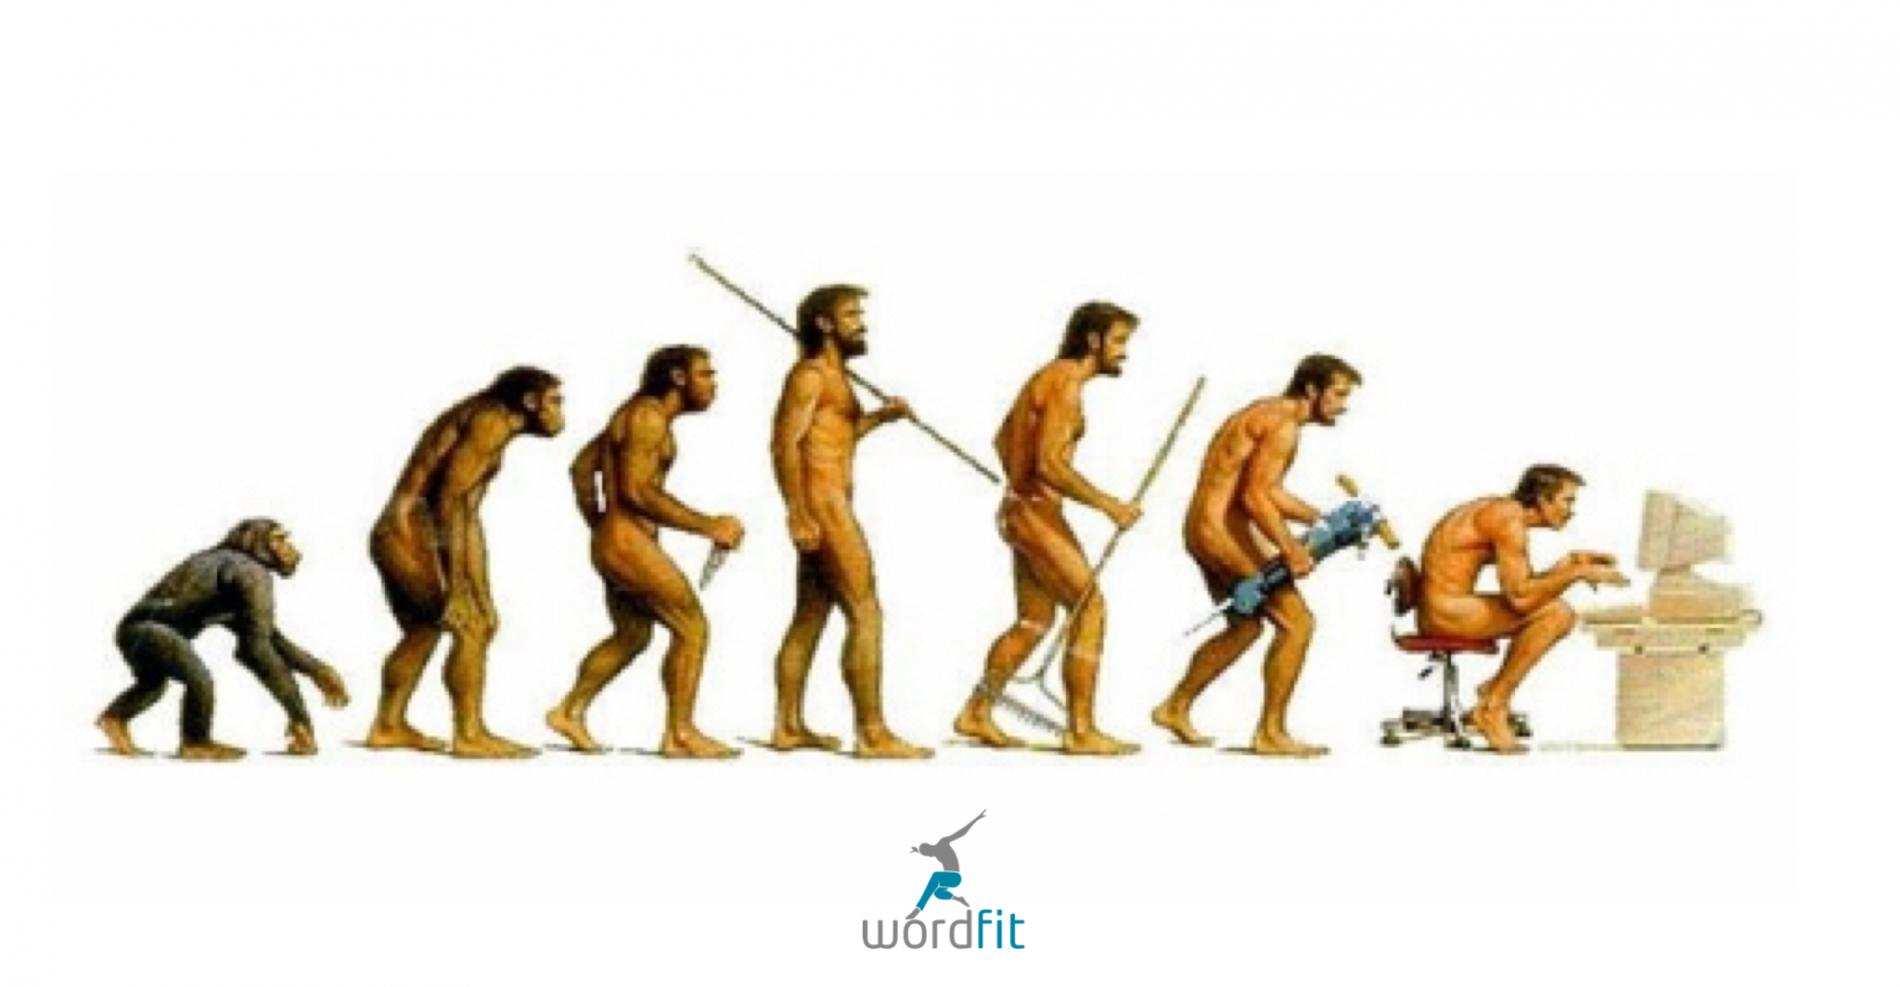 Evolutie naar altijd zittende mens